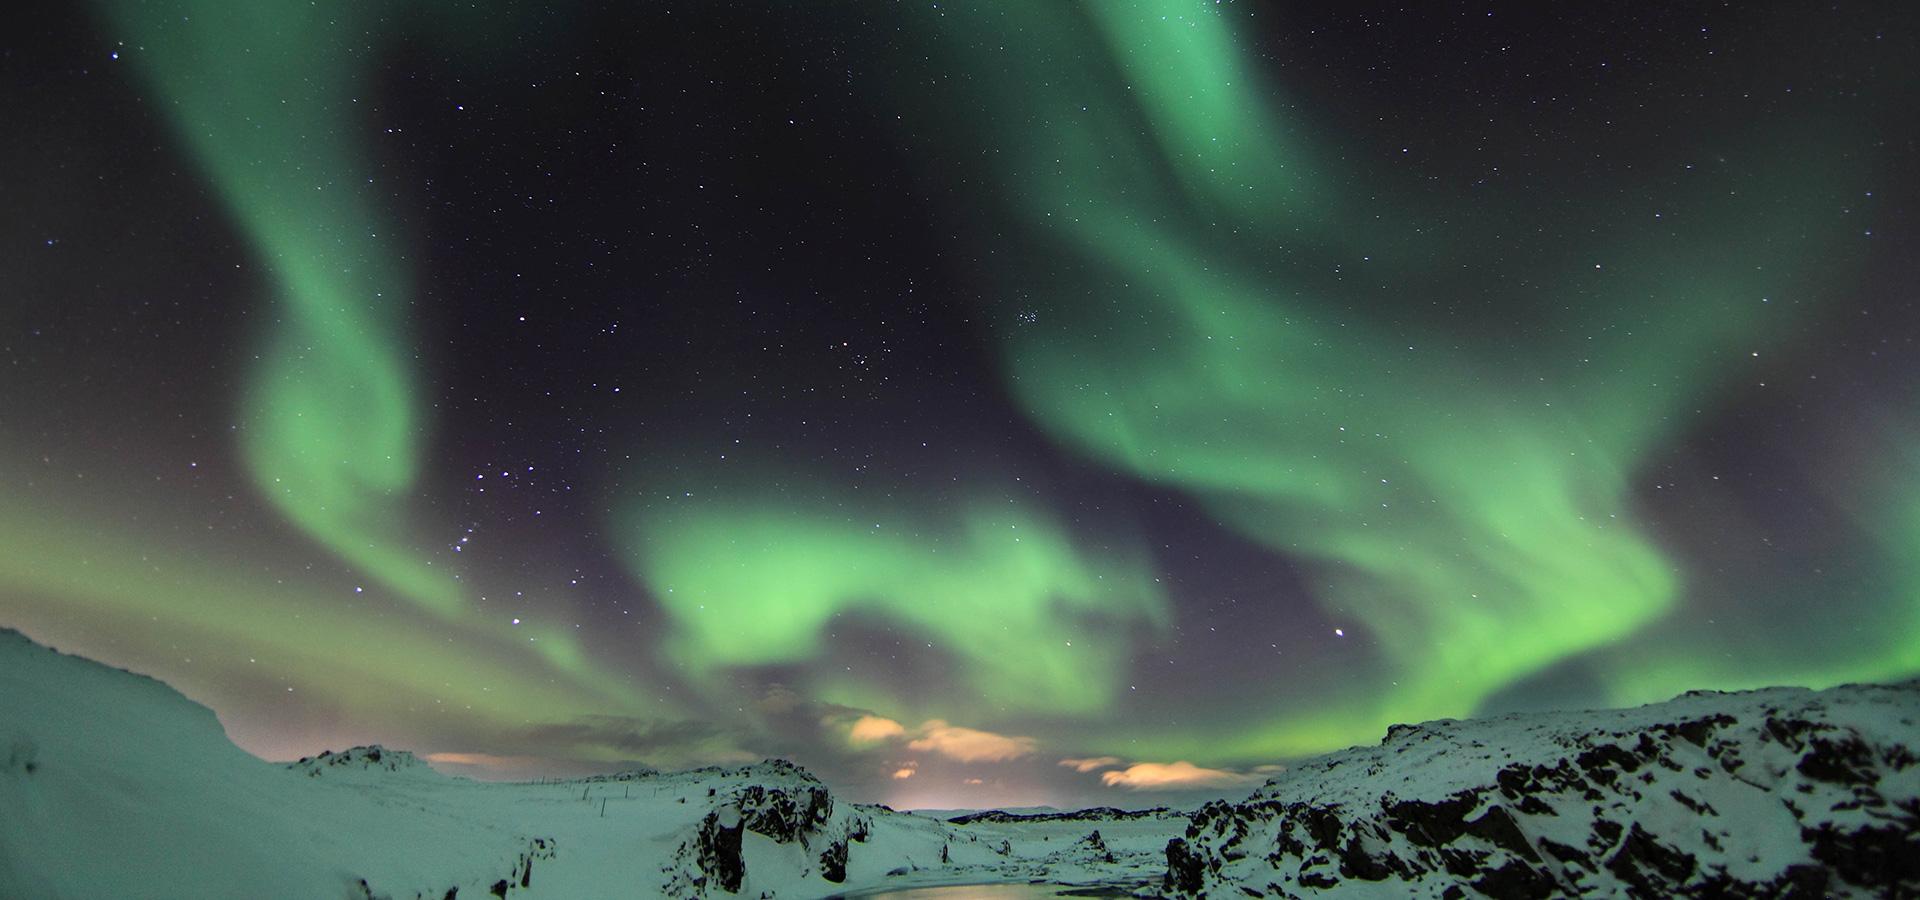 An Evening of Northern Lights at Laugarvatn Fontana